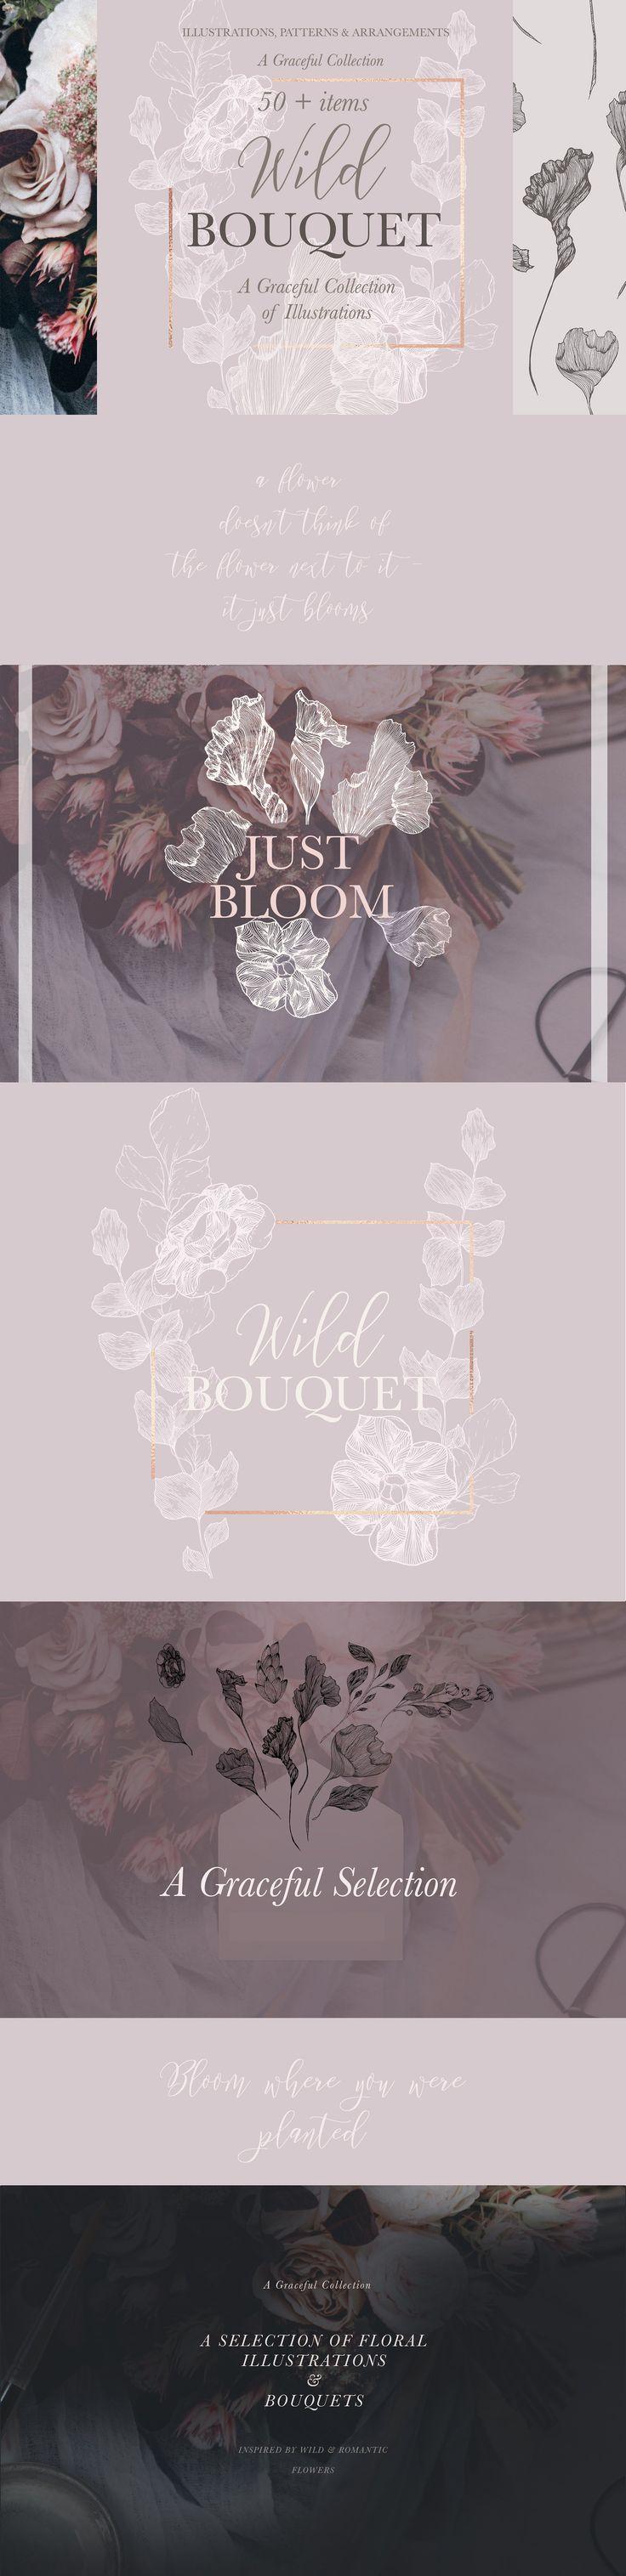 Wild Bouquet Wedding Illustrations by Laras Wonderland on @creativemarket